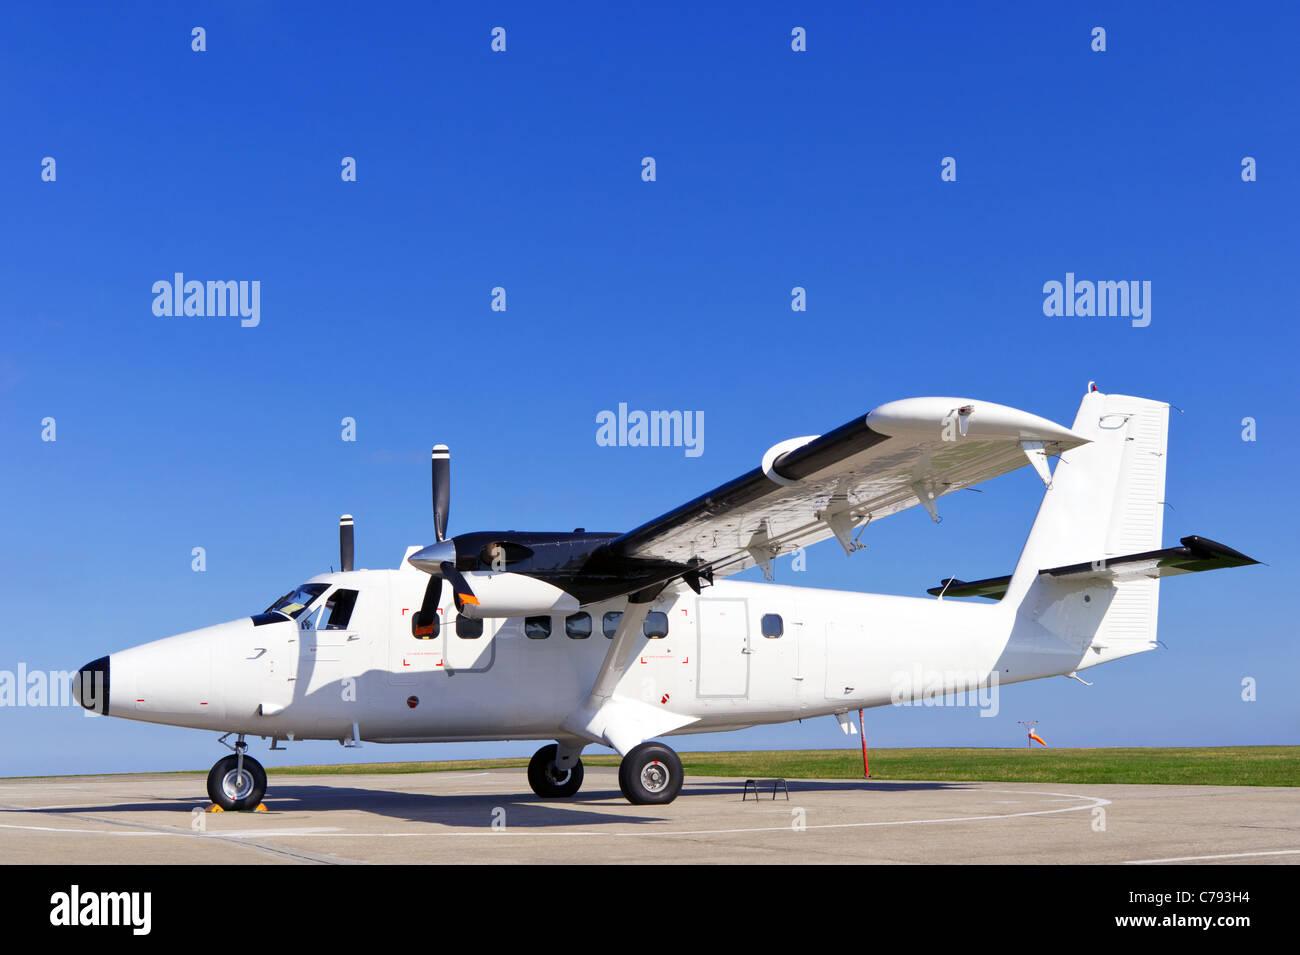 Foto der eine Zwilling-Propellermaschine stationär auf der Piste an einem sonnigen Tag mit klaren blauen Himmel. Stockbild